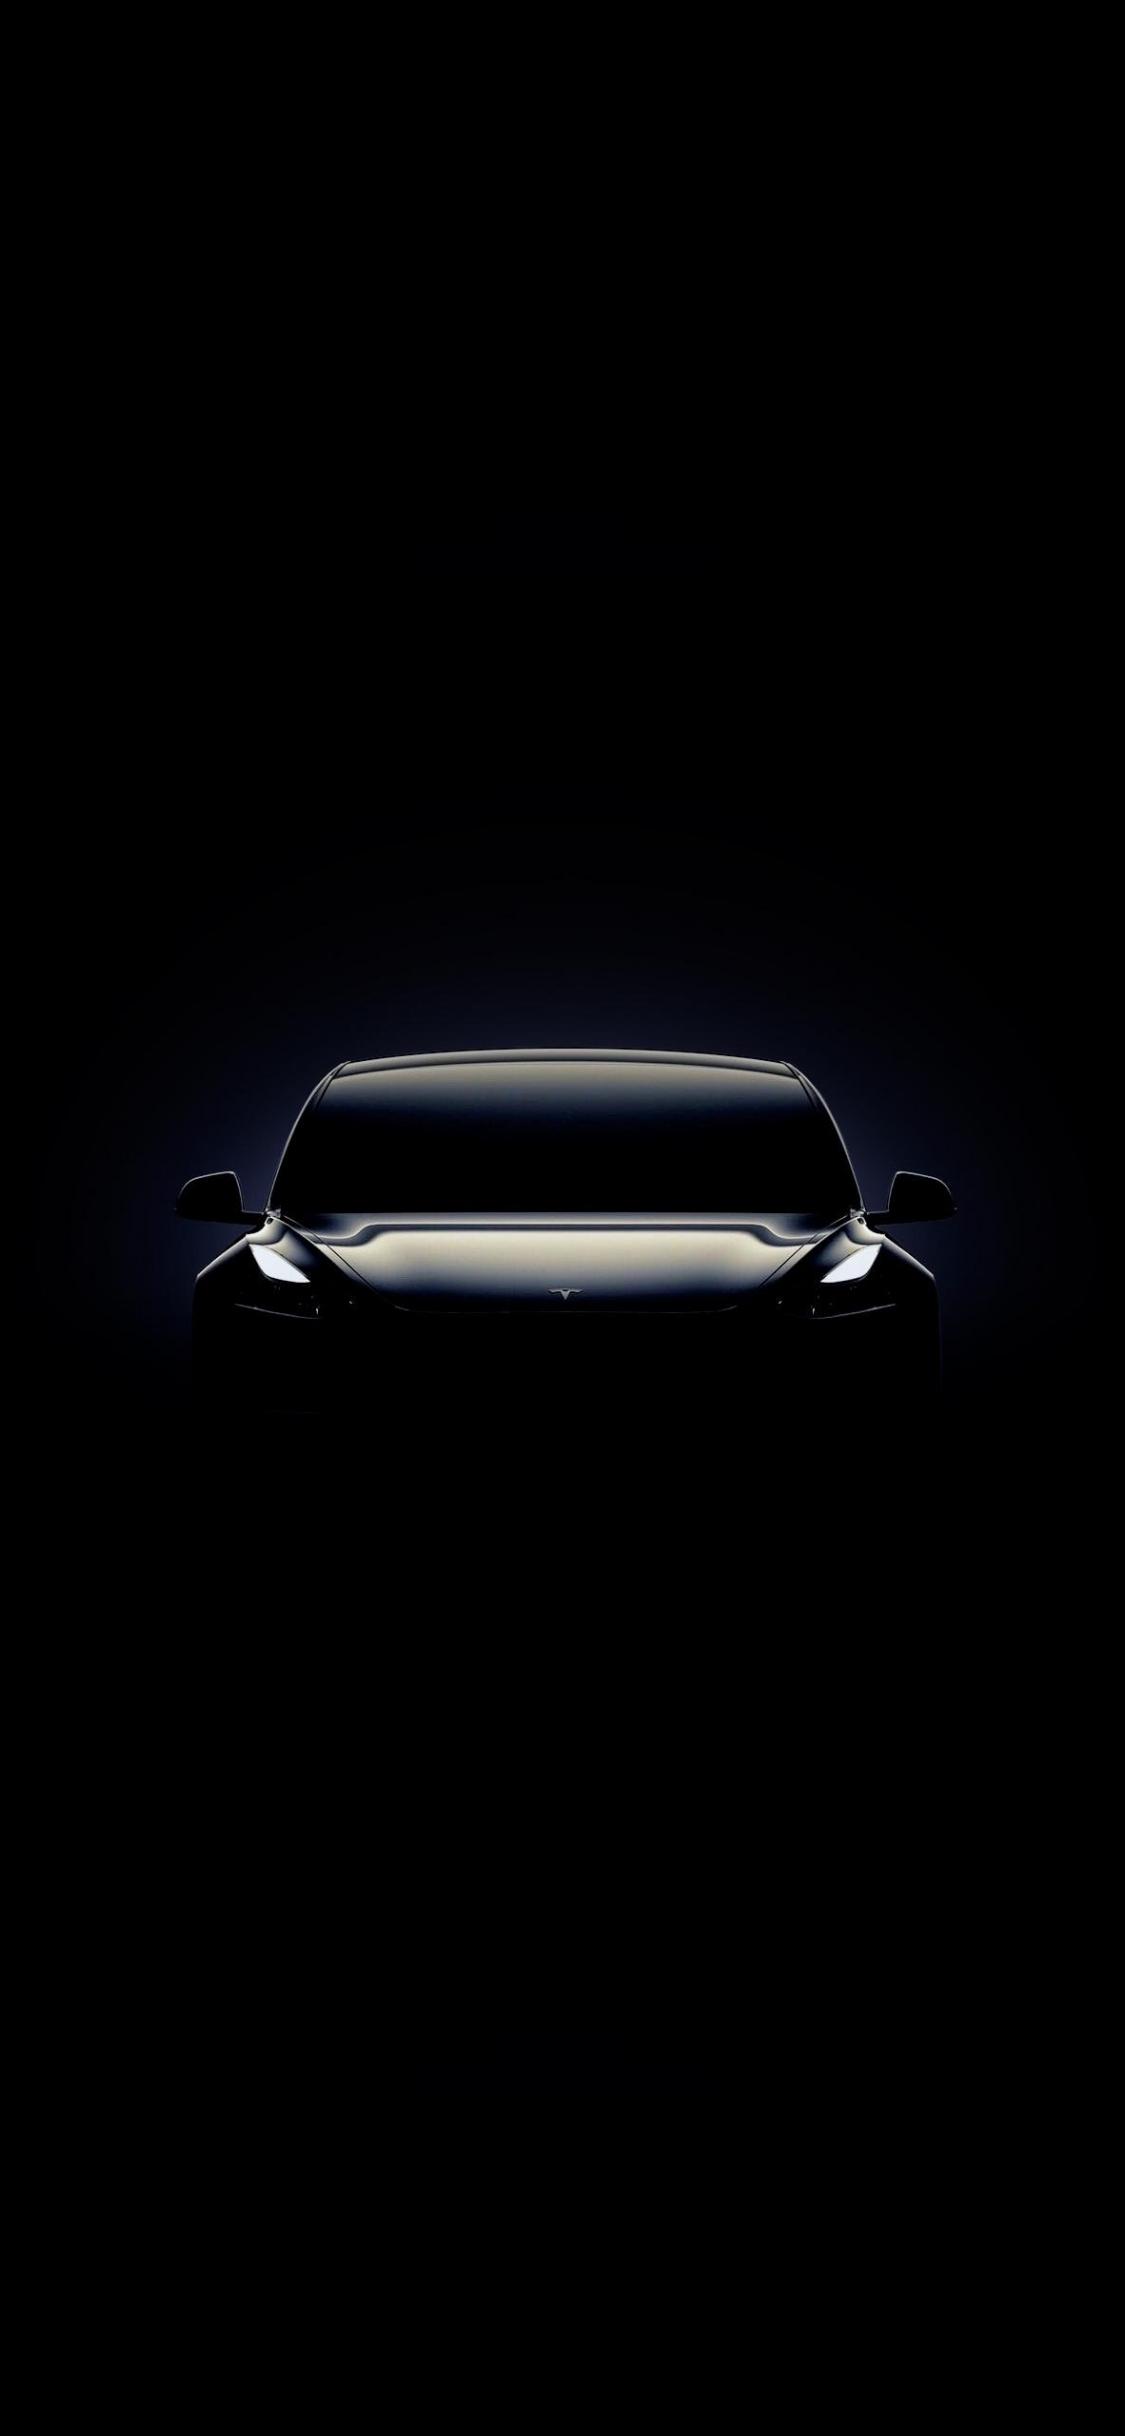 Download 1125x2436 Wallpaper Tesla Model 3 Portrait Iphone X